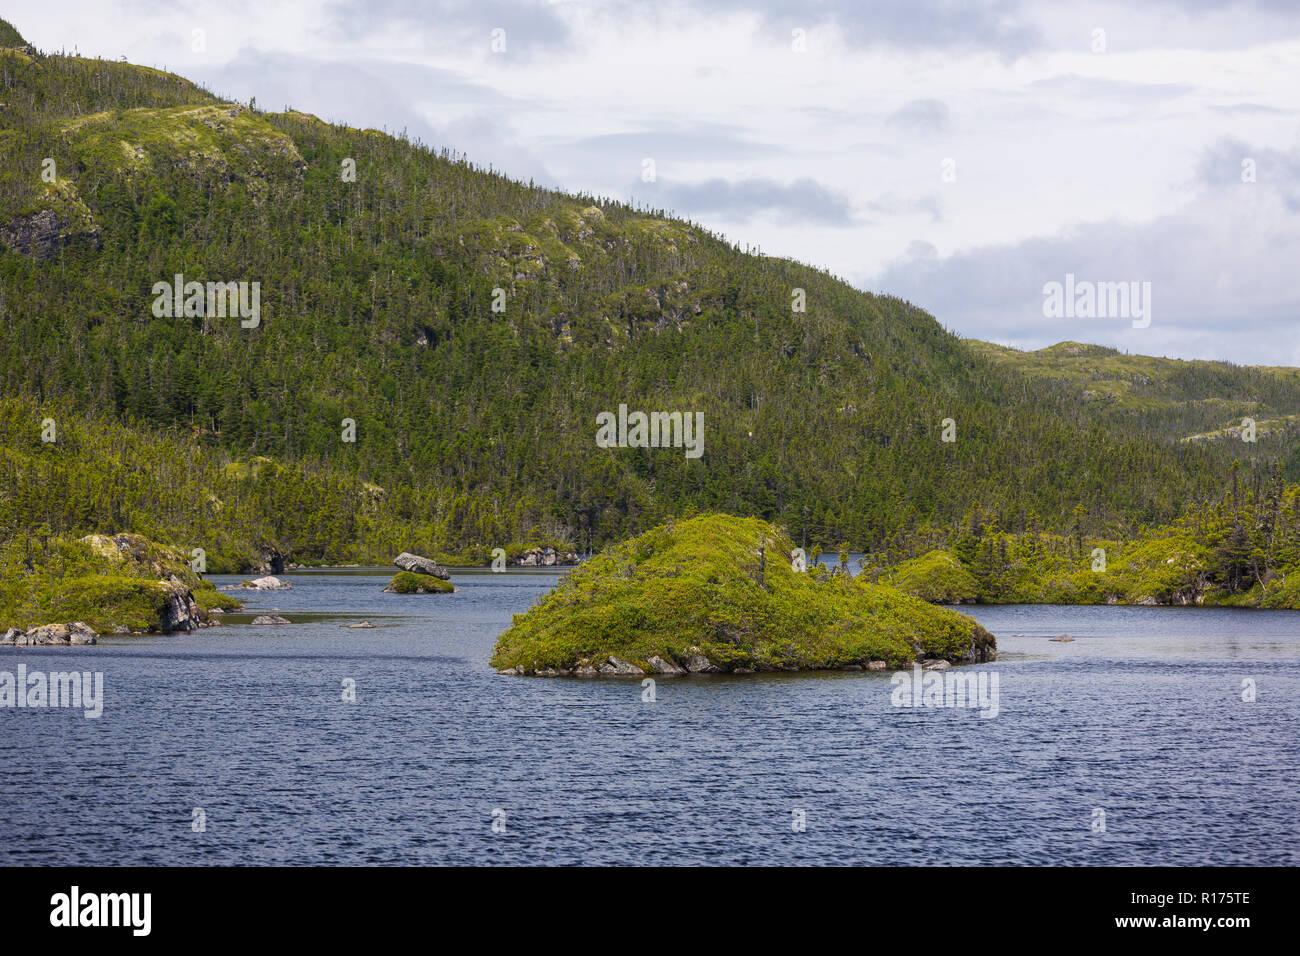 CAPE RANDOM, NEWFOUNDLAND, CANADA - Pond. - Stock Image